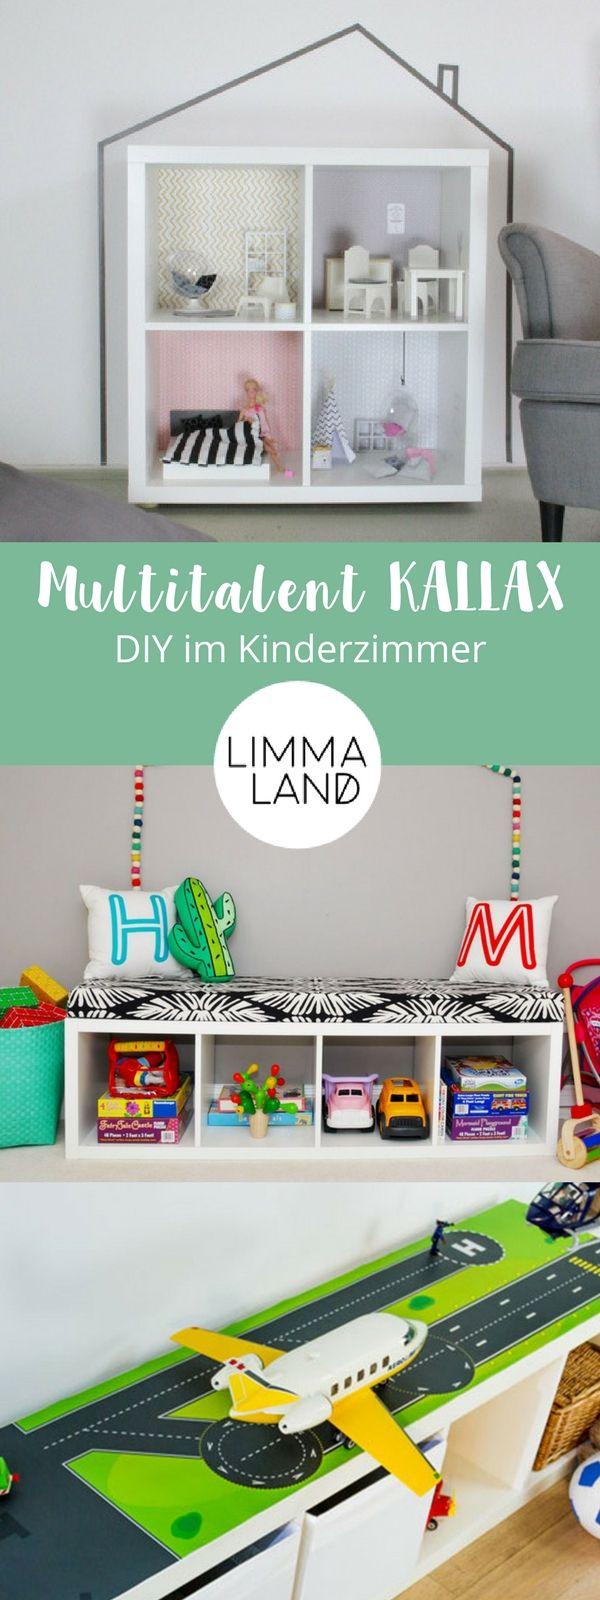 Kinderzimmermöbel ikea  254 best IKEA HACKS - Kinder images on Pinterest | Ikea hacks ...